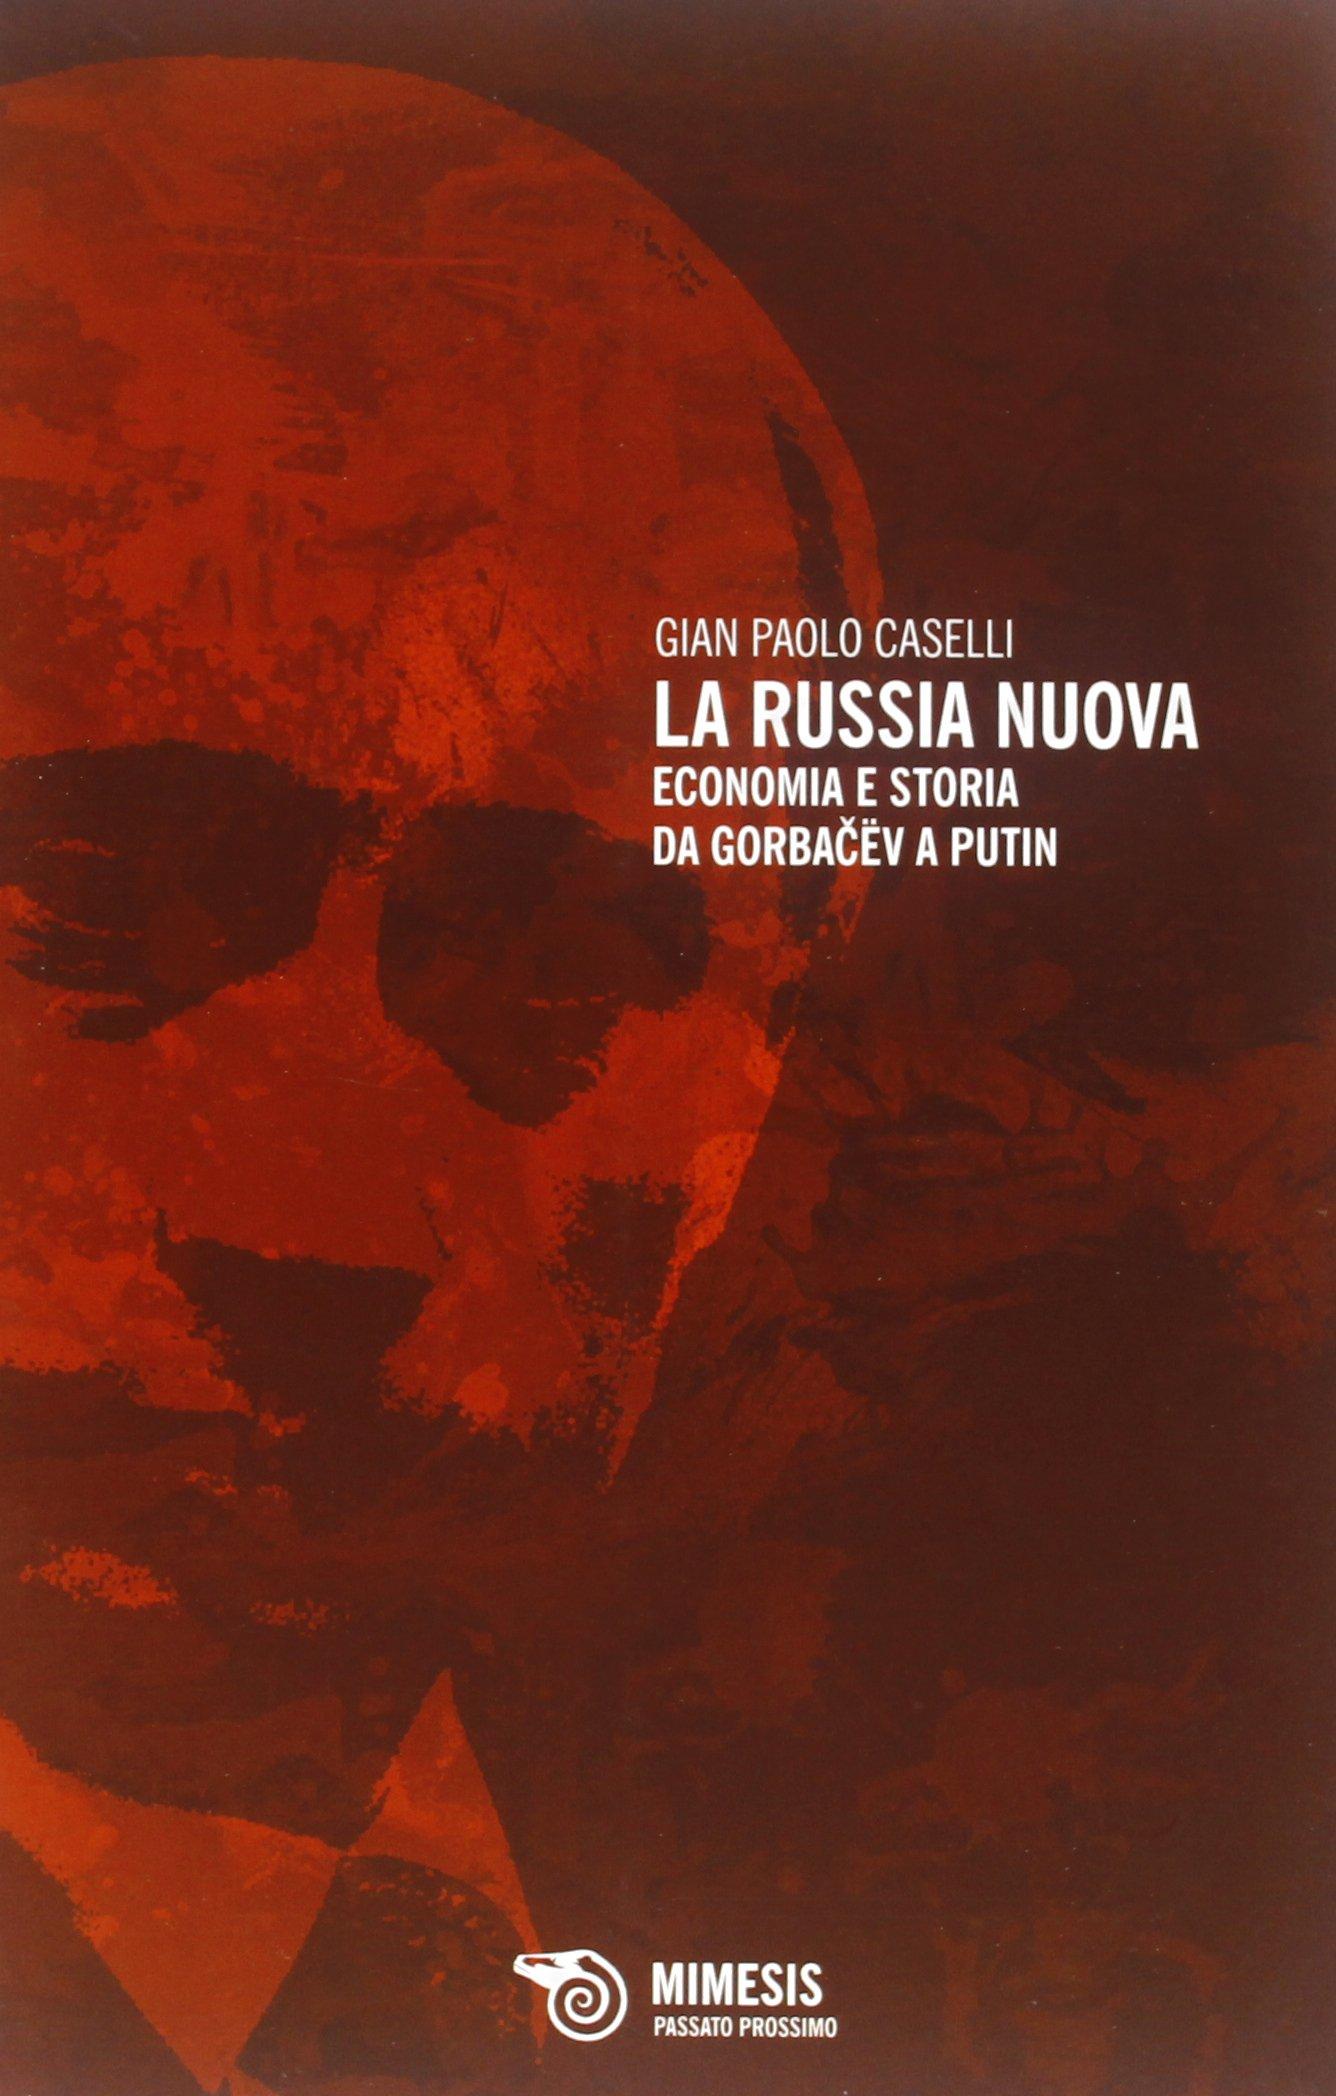 La Russia nuova. Economia e storia da Gorbacëv a Putin Copertina flessibile – 13 feb 2013 G. Paolo Caselli Mimesis 8857511065 20. Secolo